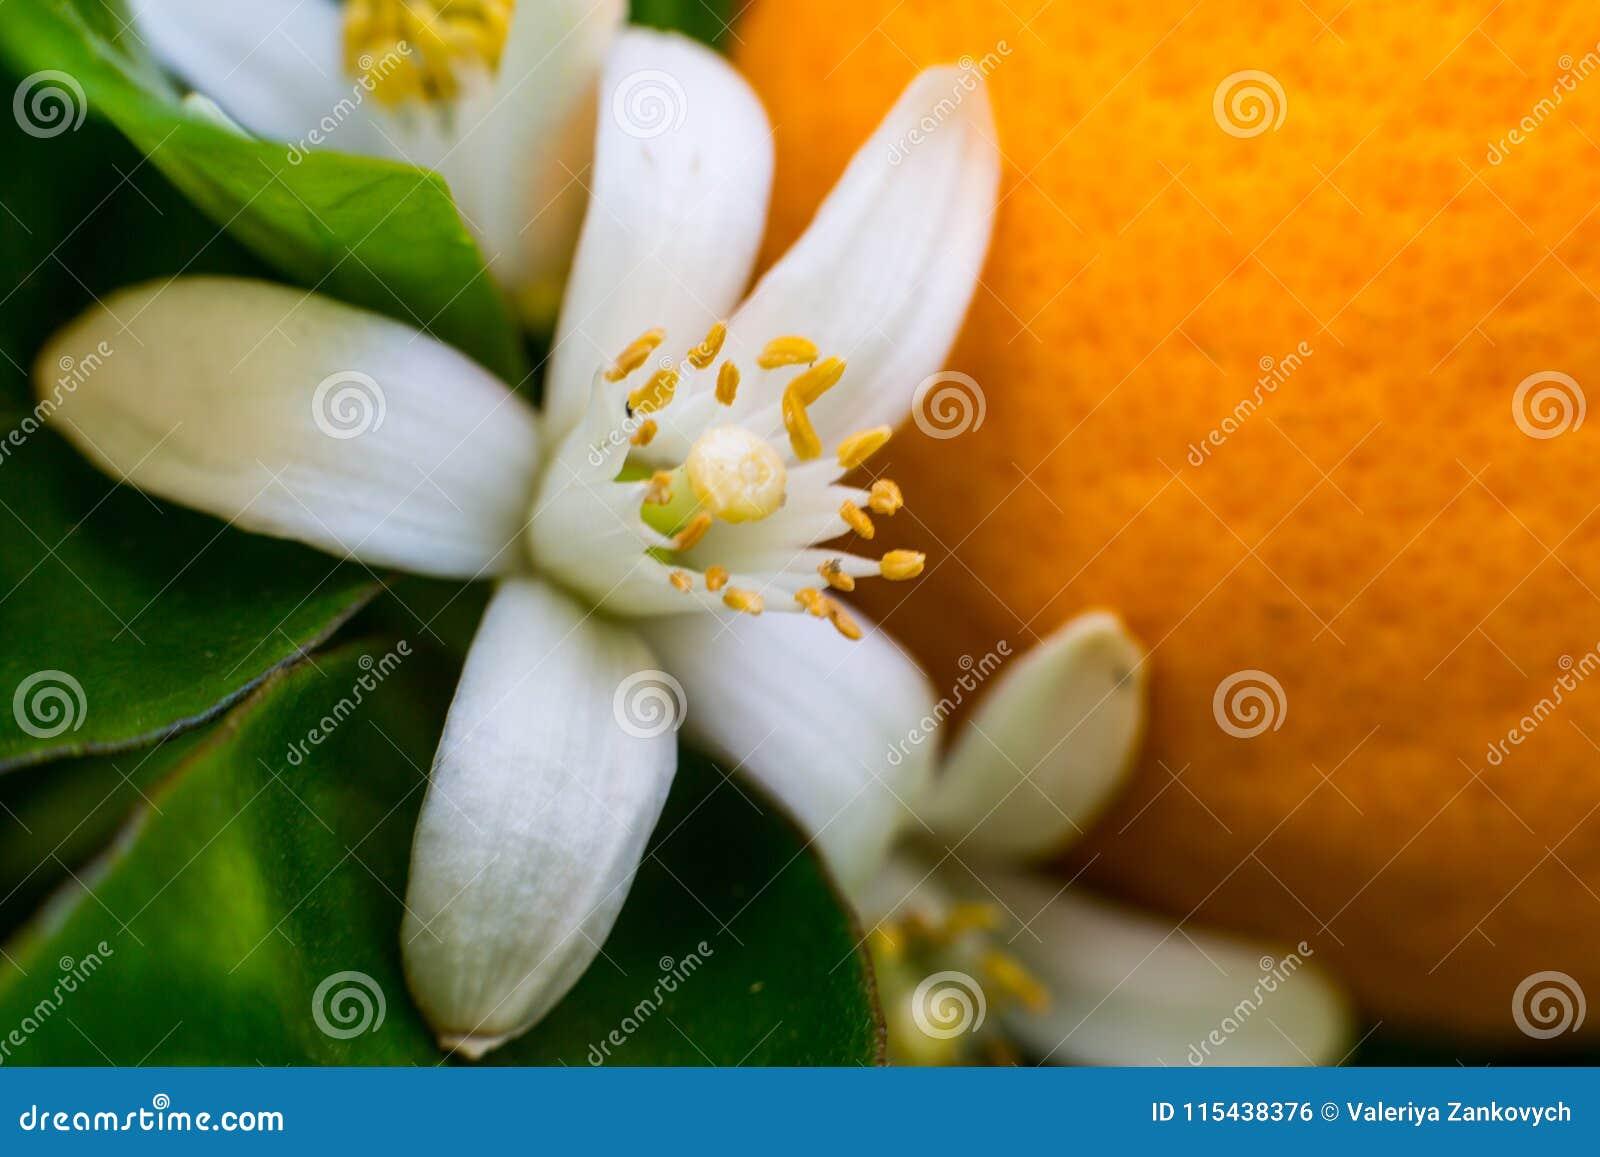 Neroli Feuilles lumineuses vertes d arbre orange et neroli orange de fleur avec des gouttes de pluie, fond de rosée